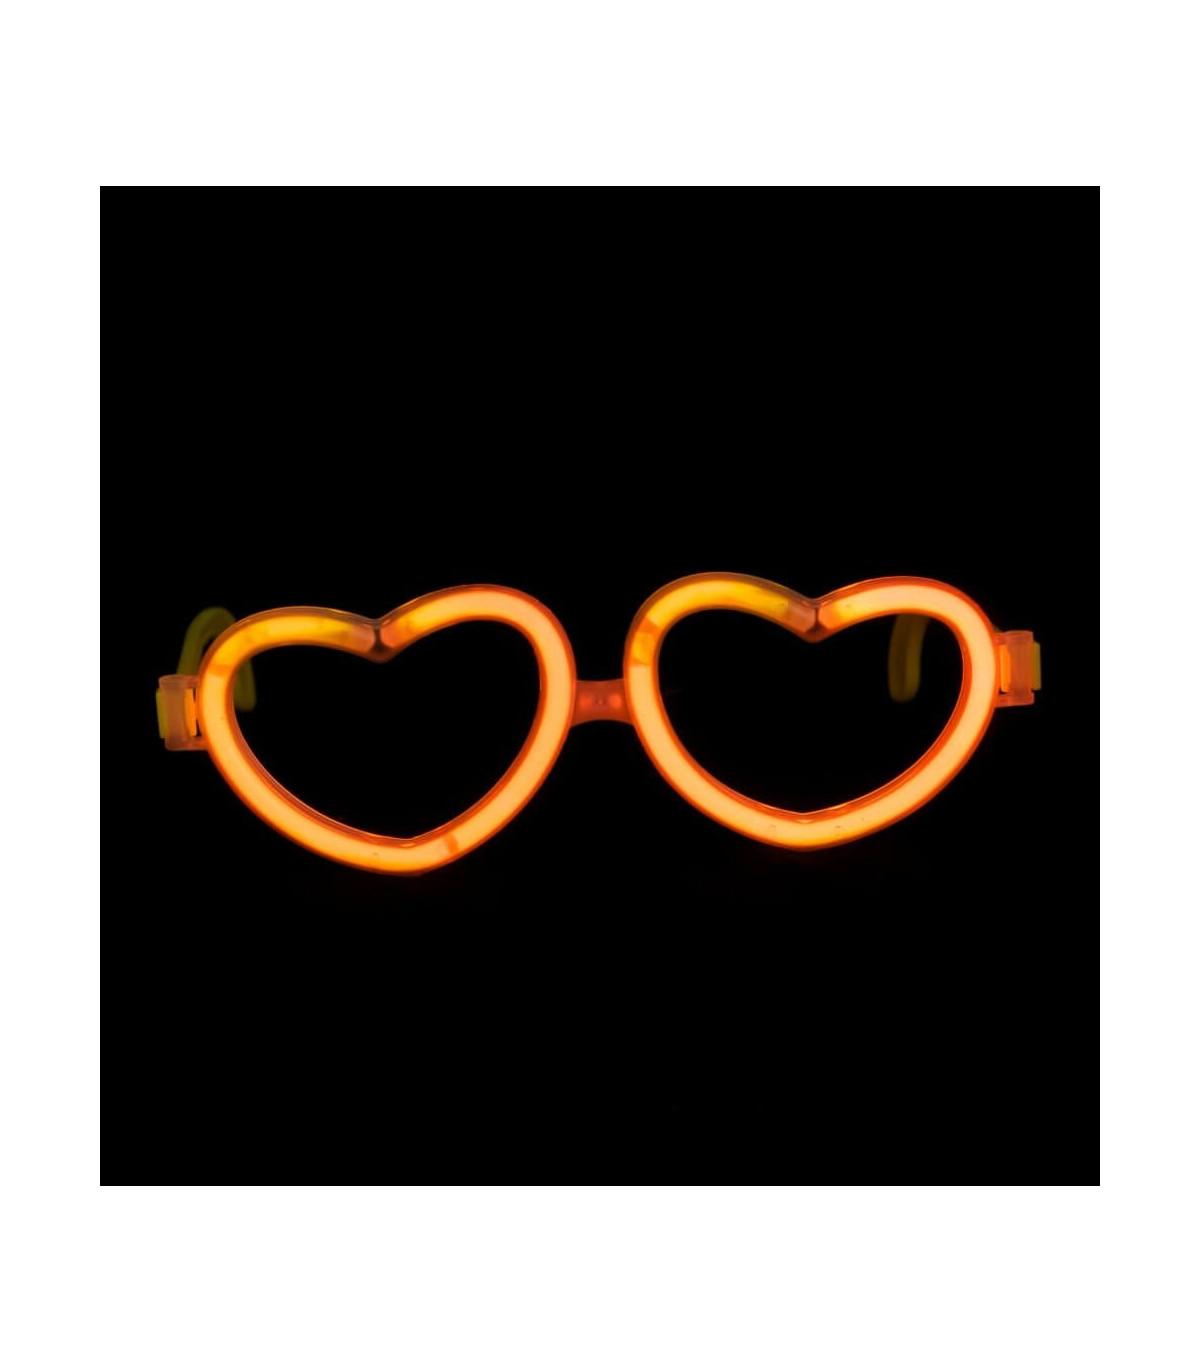 ca97e018748621 Lunettes lumineuse en forme de coeur Orange Couleur Orange